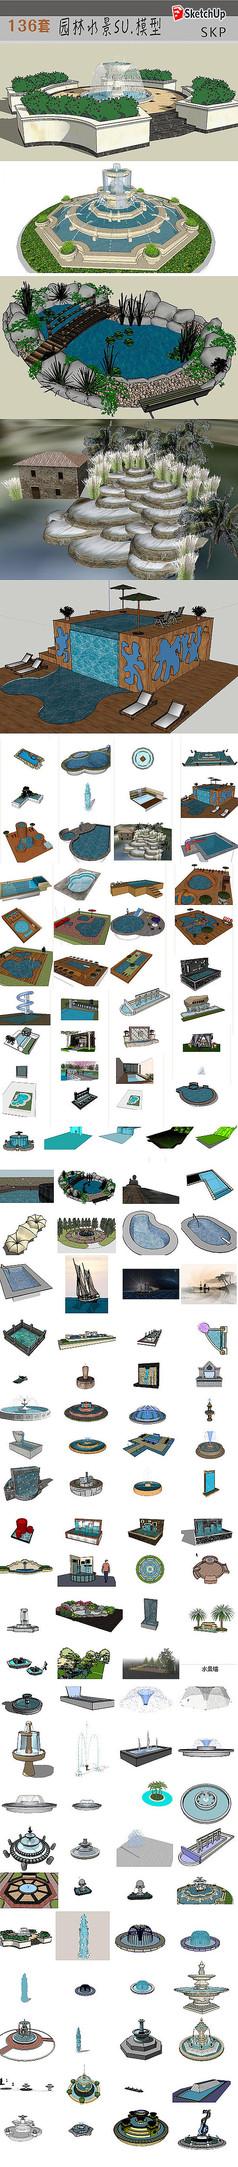 园林水景小品构筑物模型